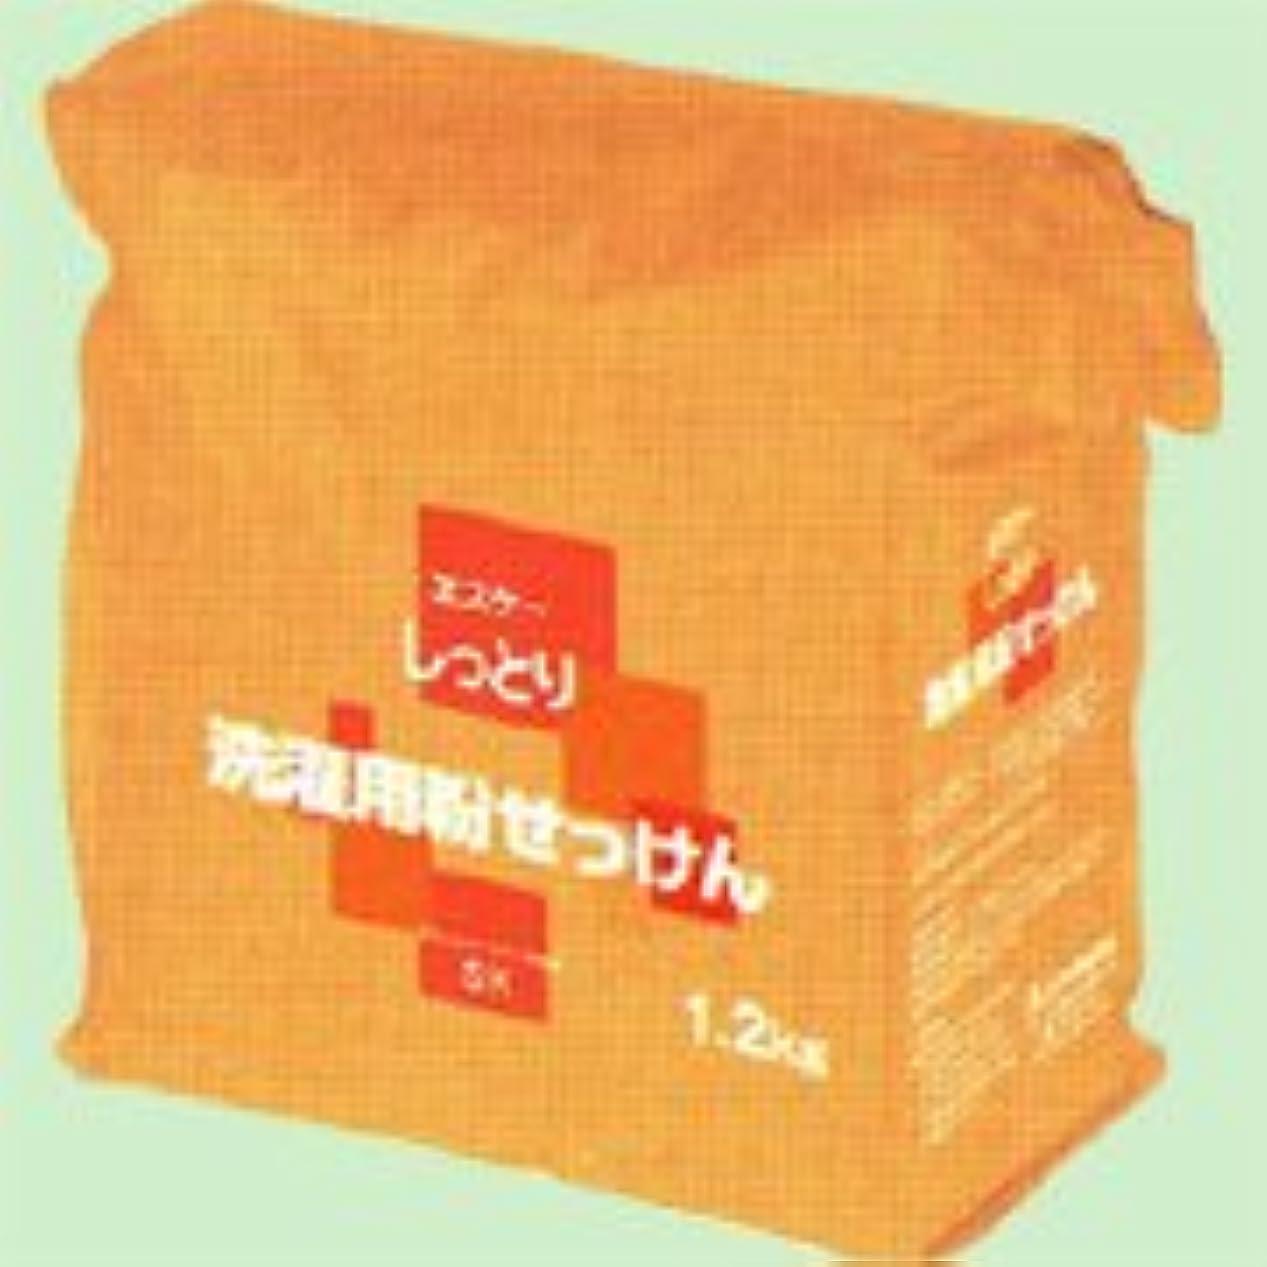 モニカ代替案繕うしっとり洗濯用粉せっけん詰替用 1.2kg   エスケー石鹸